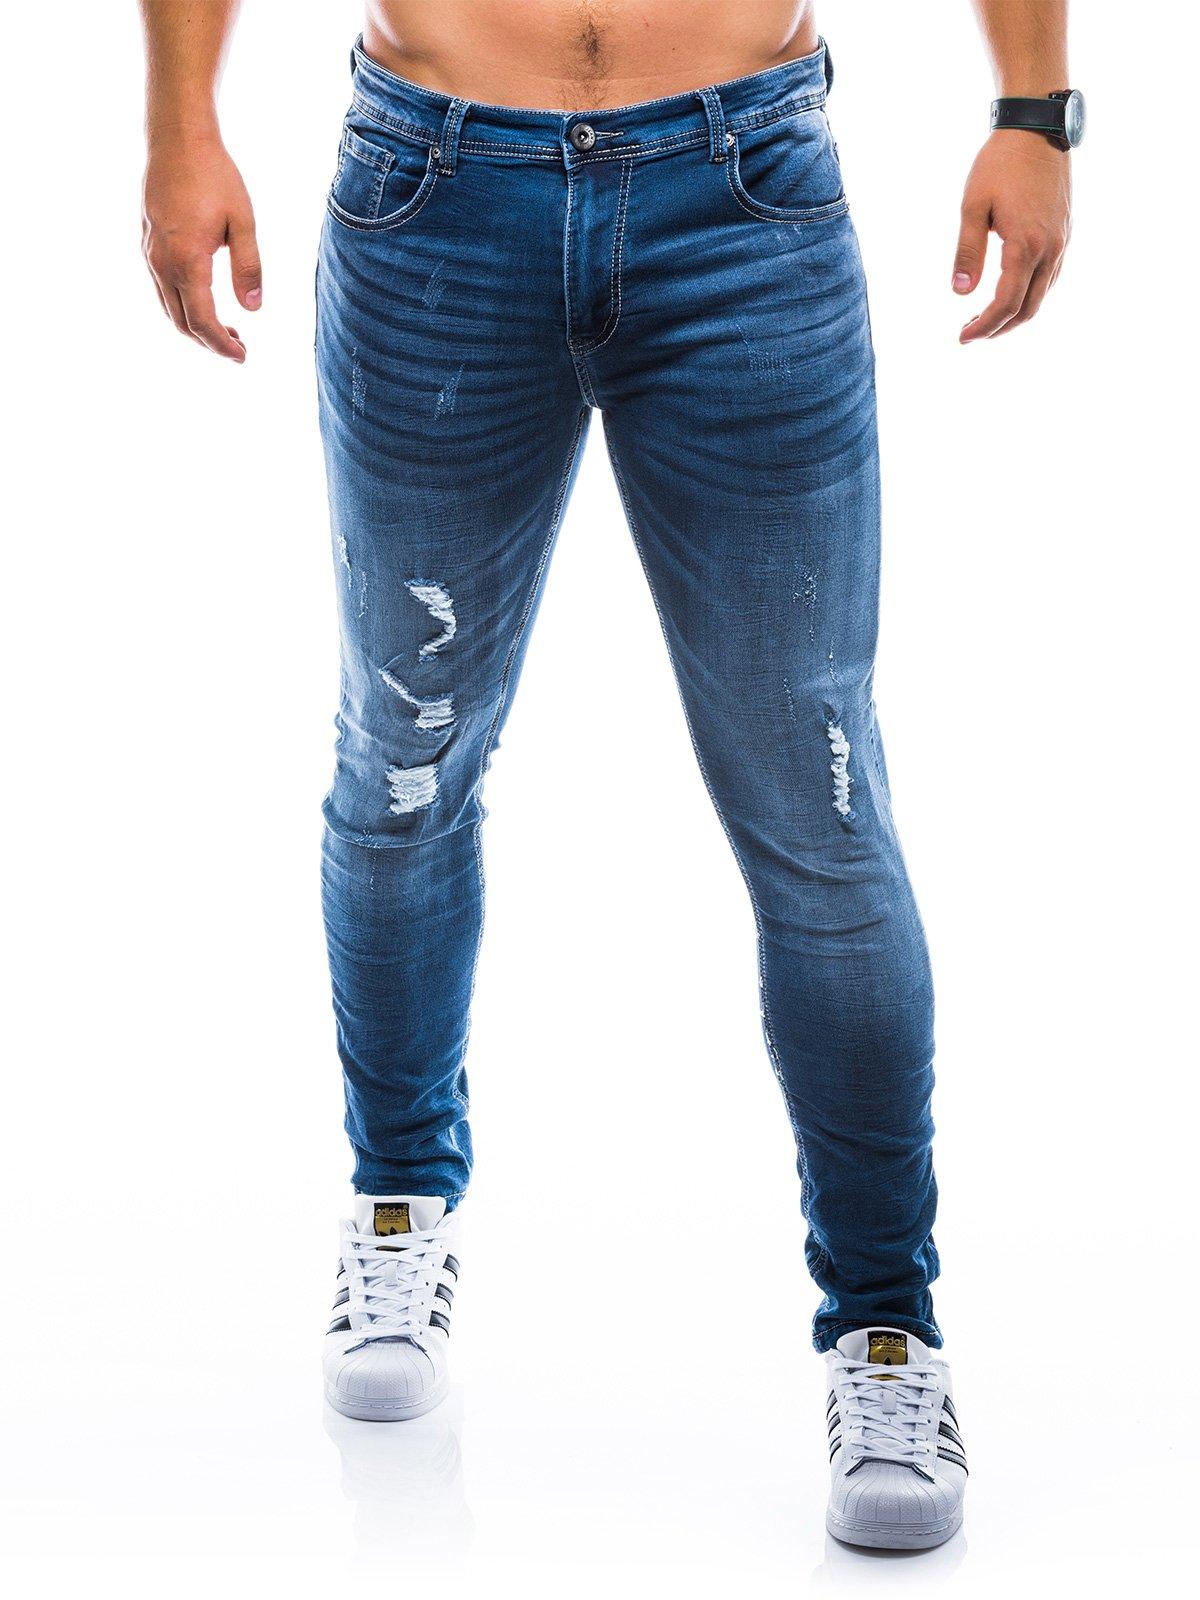 Spodnie męskie jeansowe P776 - niebieskie